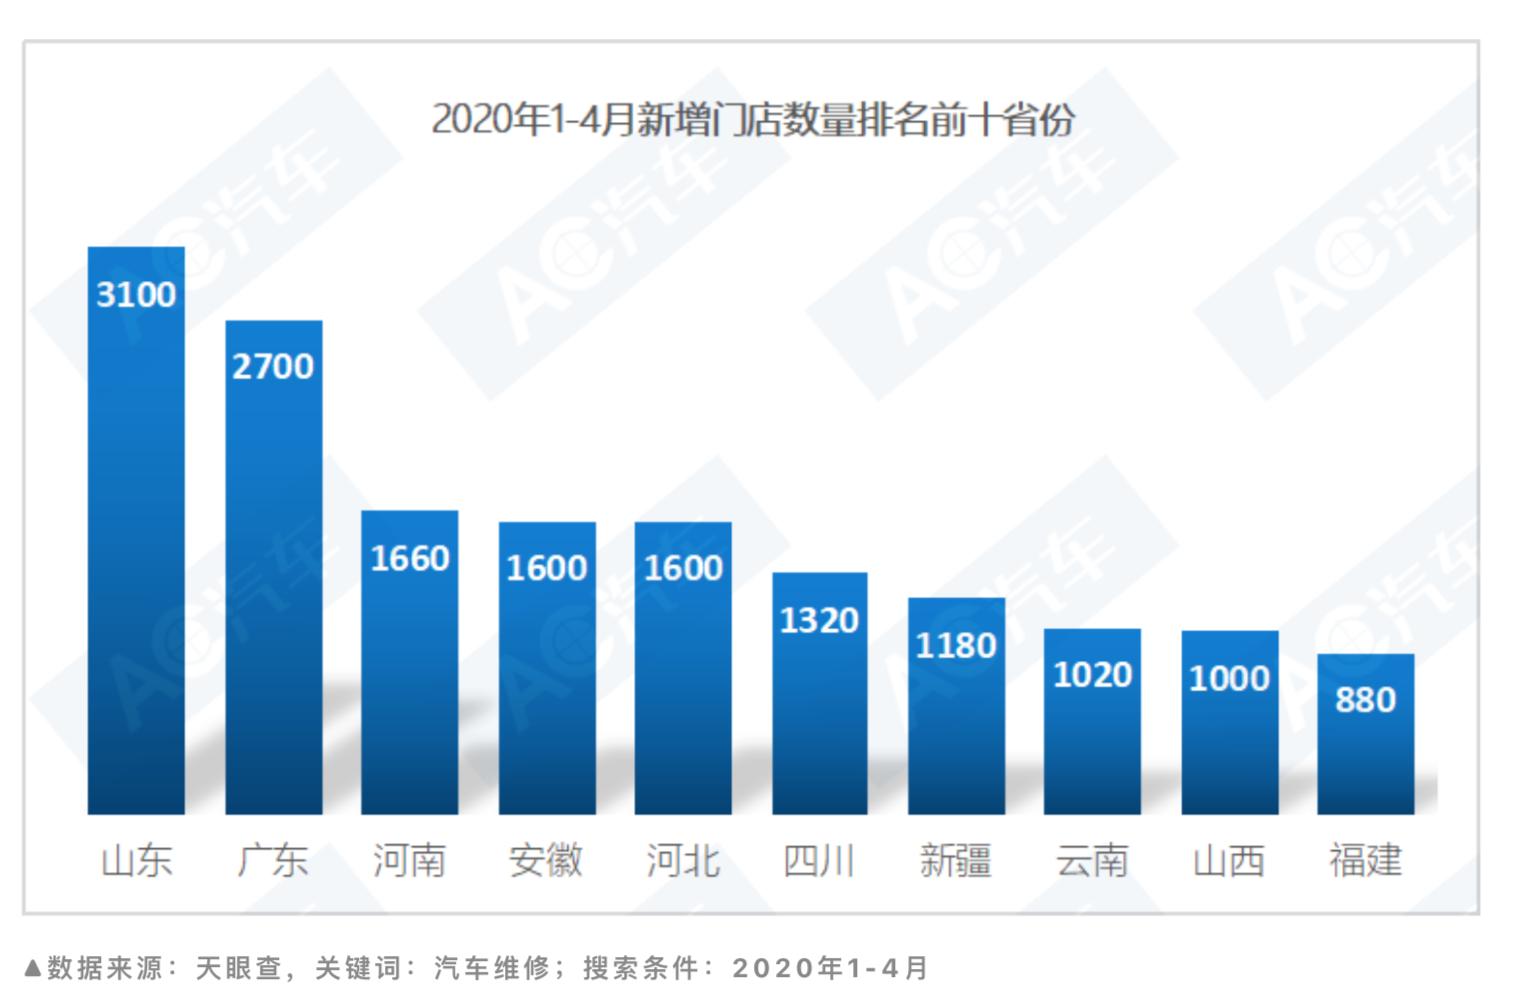 2020年1-4月新添门店数目排名前十省份(一)